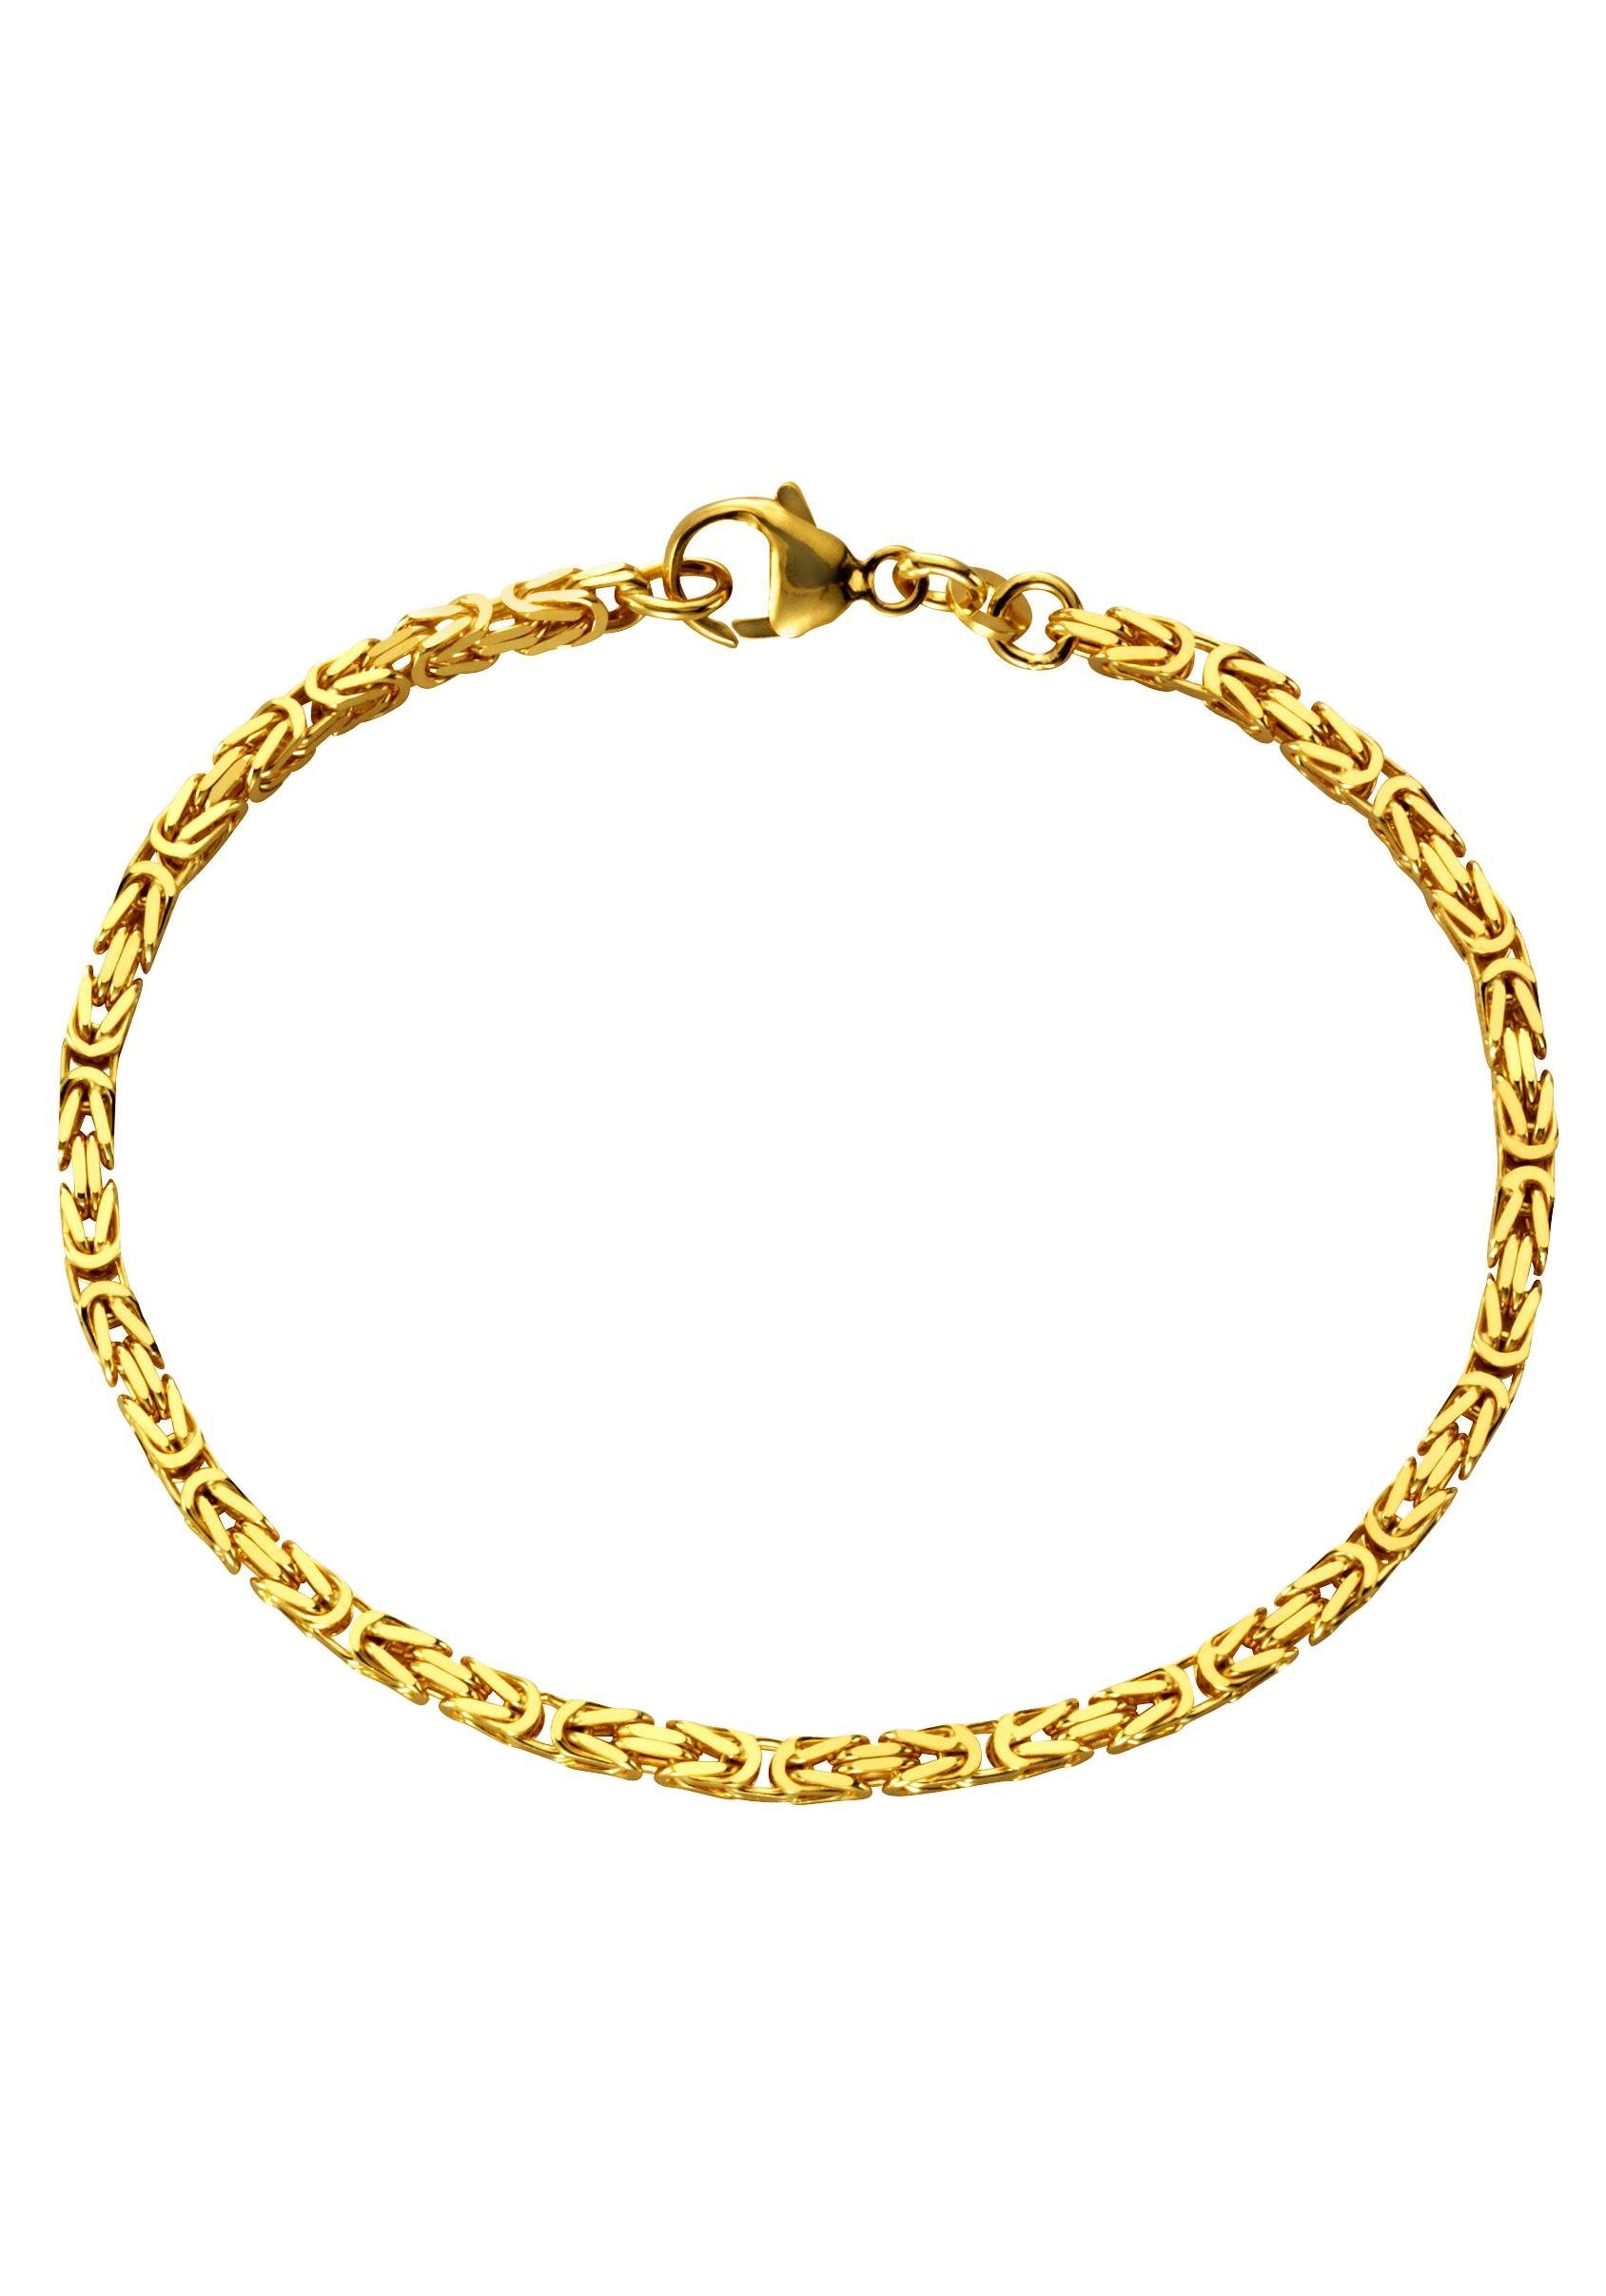 Firetti Goldarmband in Königskettengliederung, 2,8 mm, Made in Germany günstig online kaufen